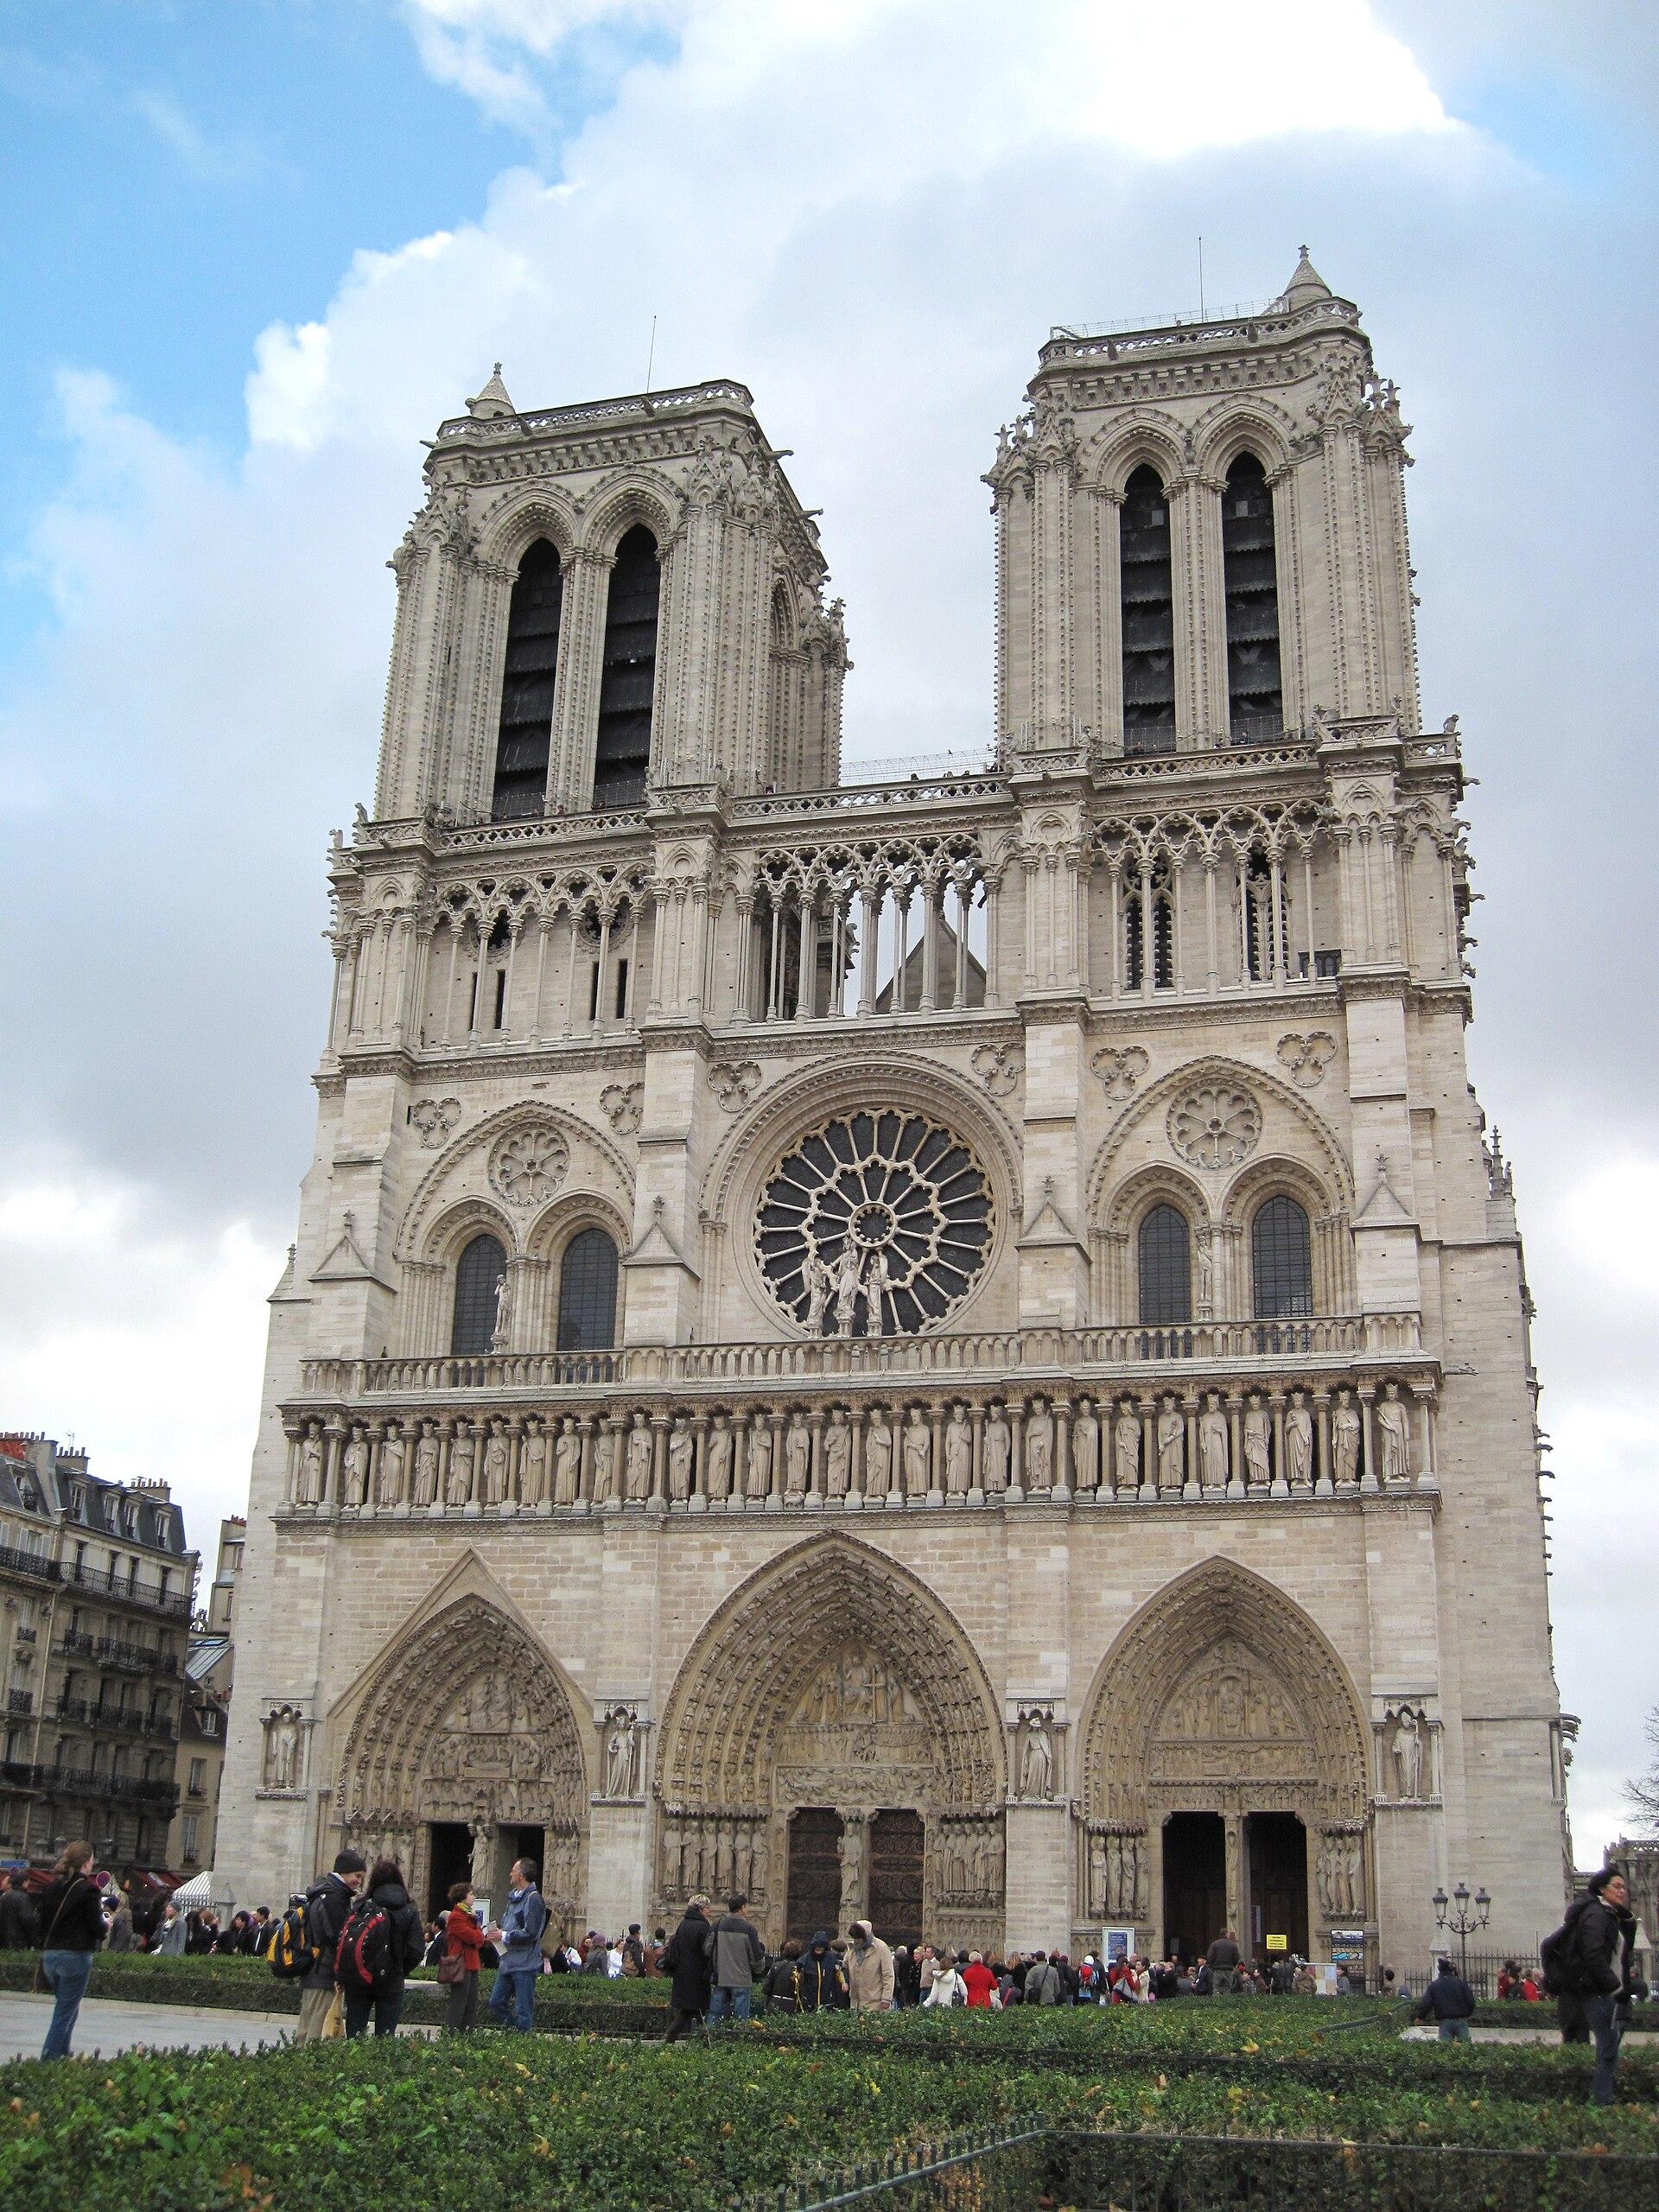 کلیسای نوتردام پاریس ویکی پدیا، دانشنامهٔ آزاد